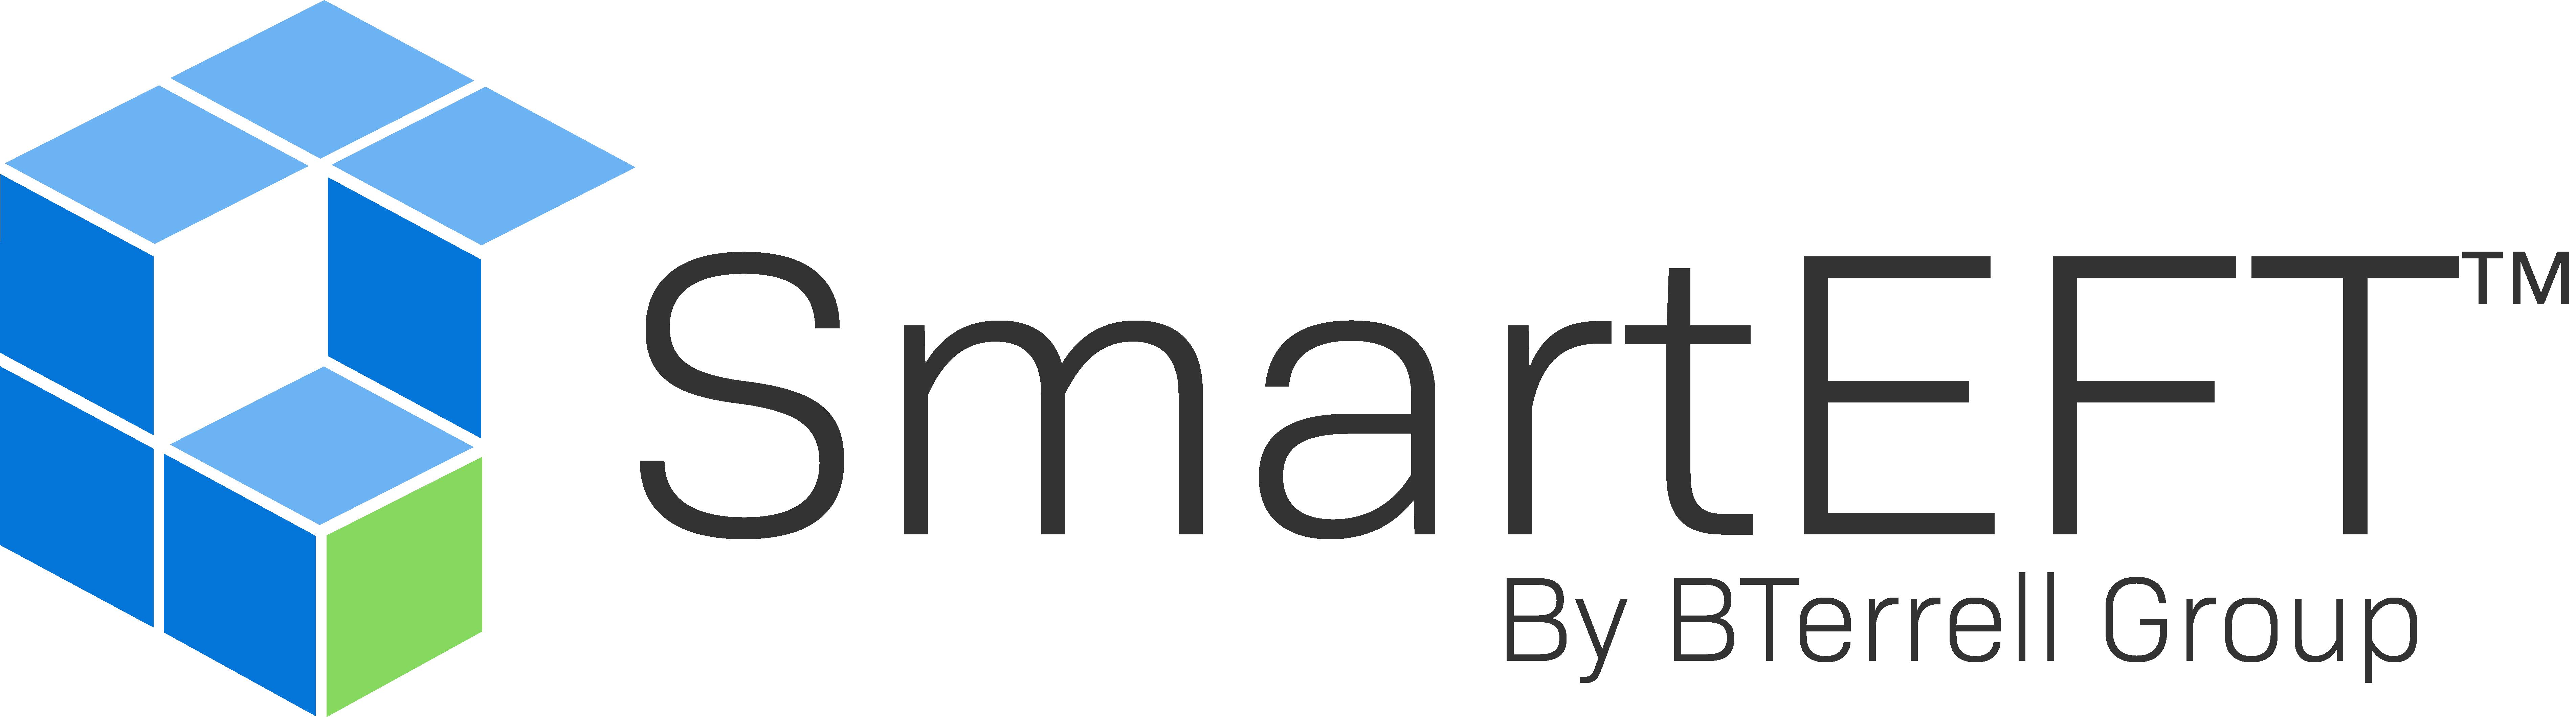 BT_SmartEFT Logo_02_Horz_corrected_02-2